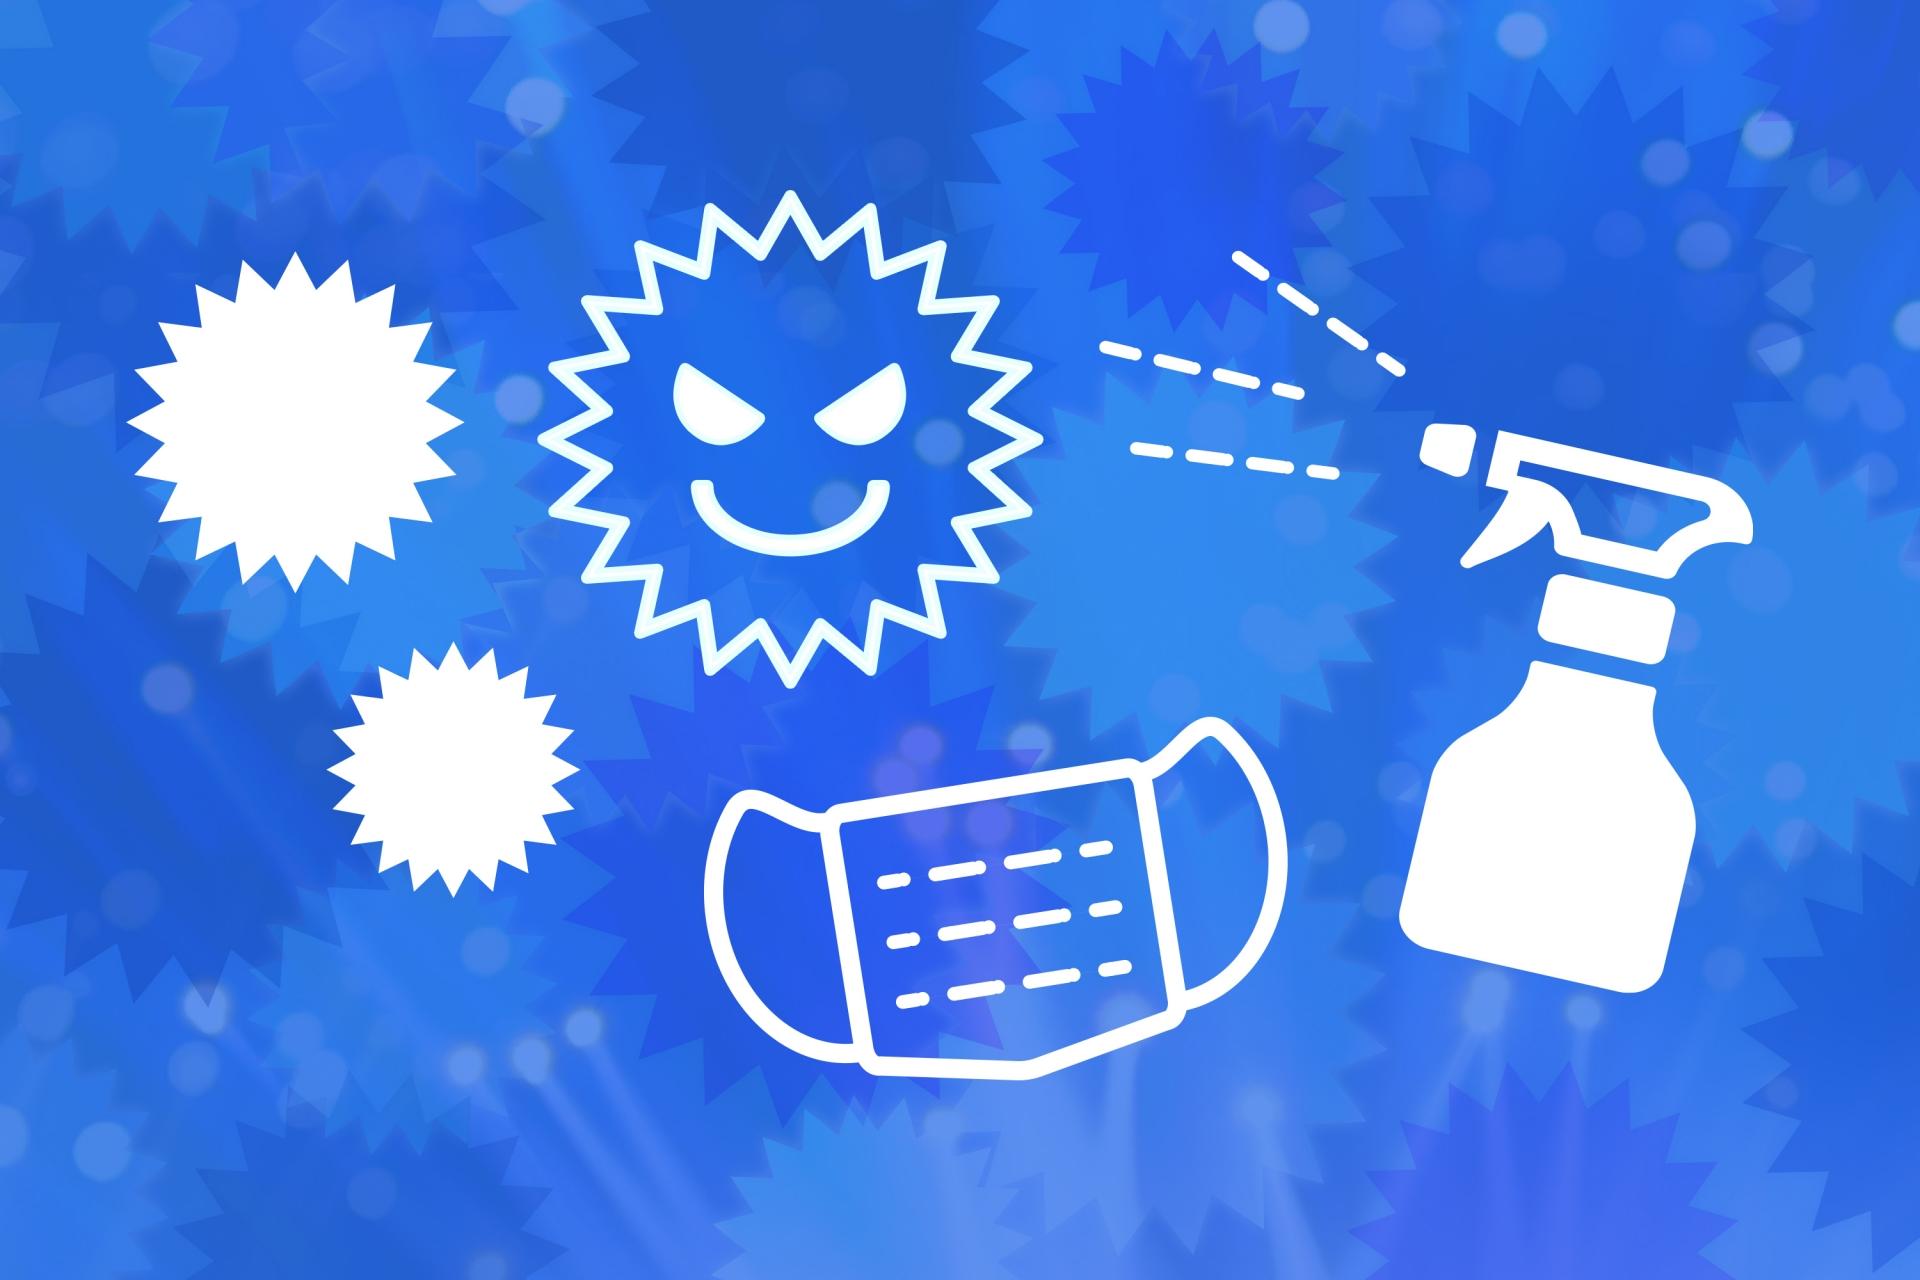 【ウィルス・花粉対策】銀イオンAg+(エージープラス)で、除菌・消臭・抗菌・防菌!医療現場から生まれた画期的抗菌消臭剤